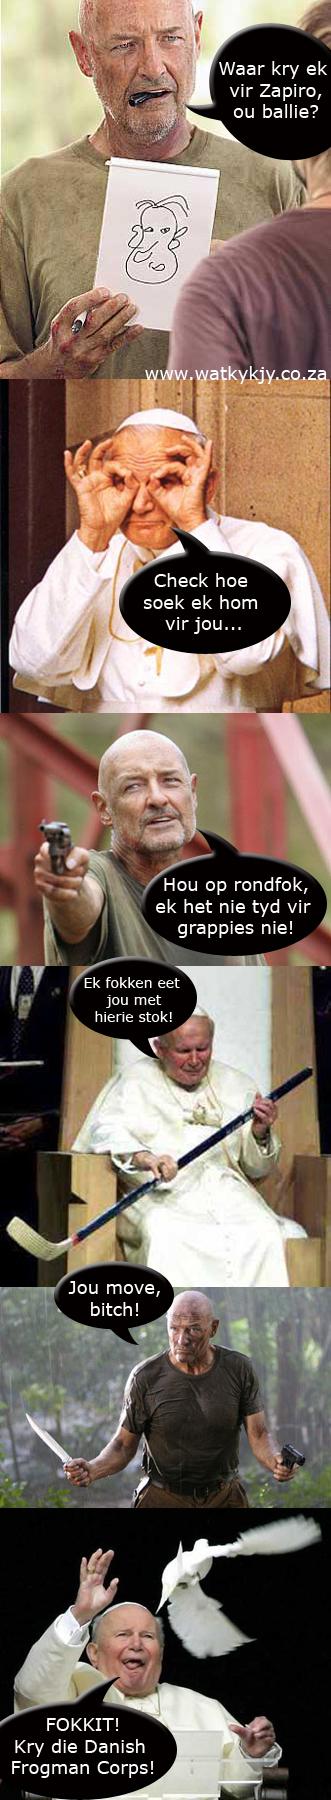 pope_zapiro